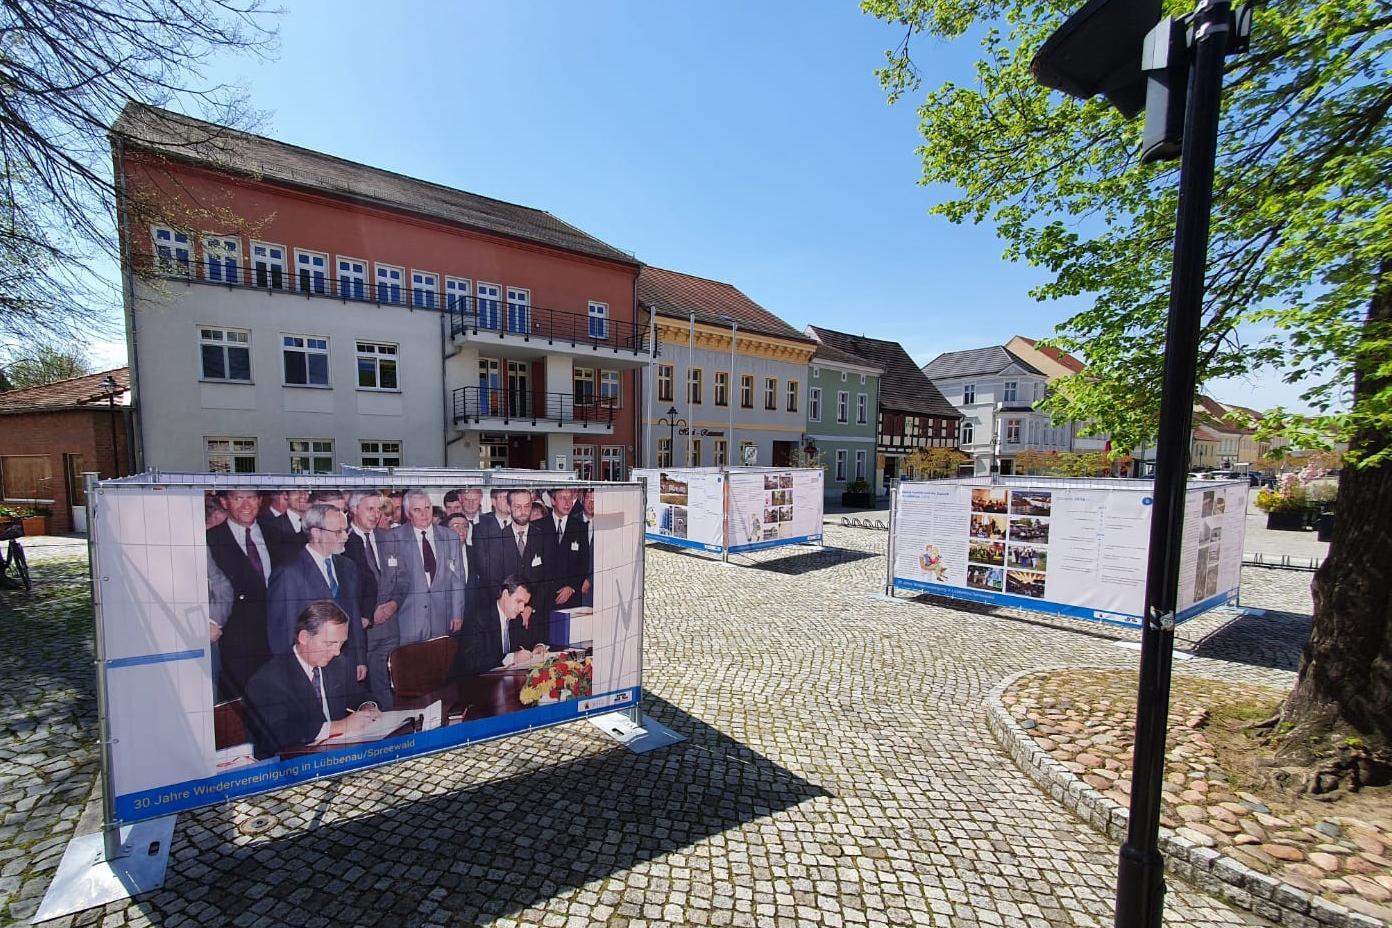 Bild Blick auf die Freiluftausstellung auf dem Lübbenauer Kirchplatz, Quelle: LUEBBENAUBRUECKE, Michael Hensel